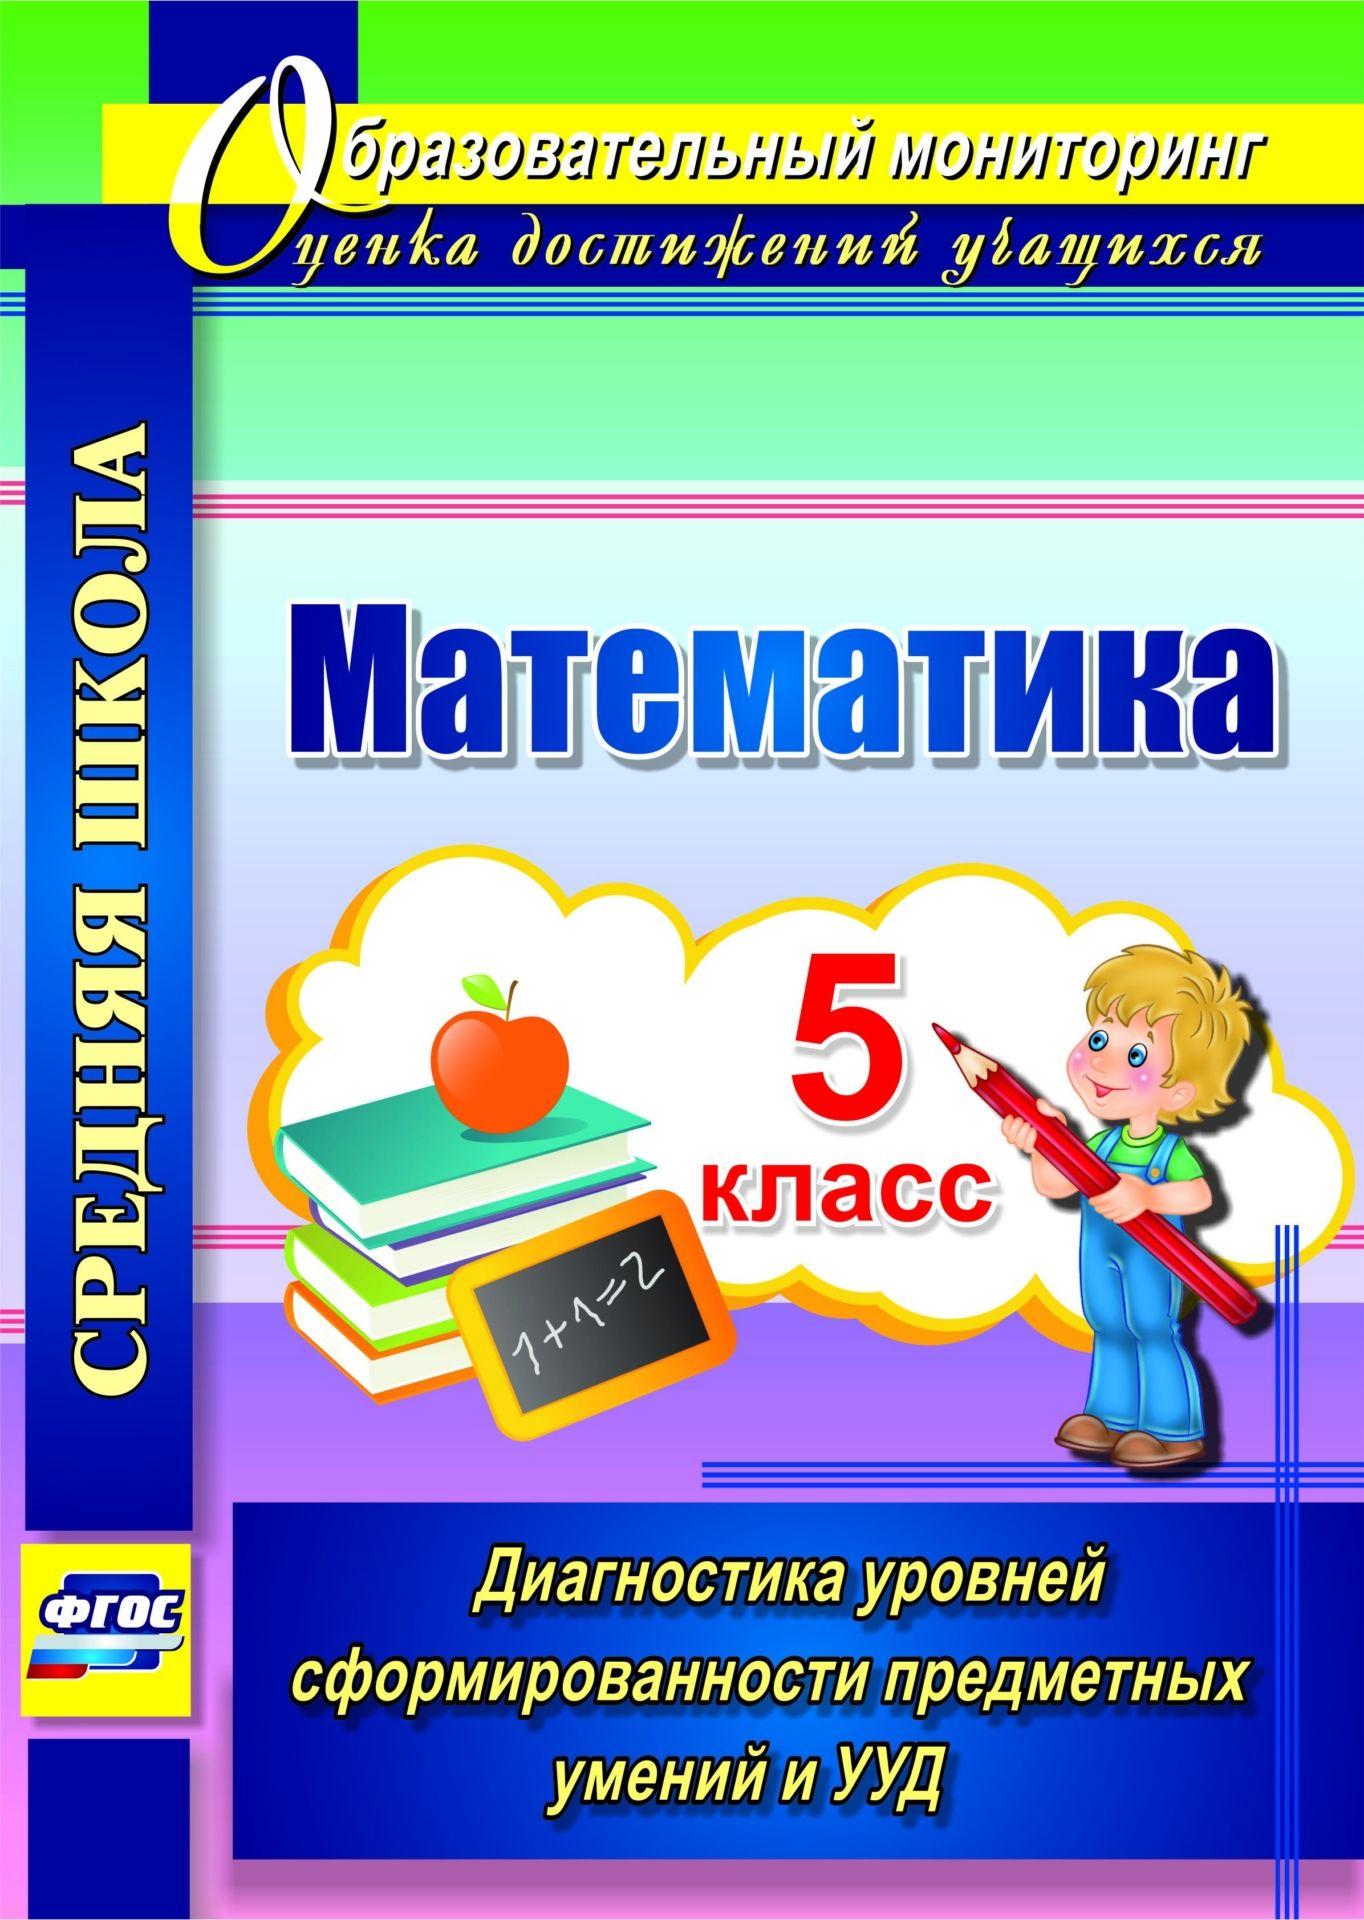 Математика. 5 класс. Диагностика уровней сформированности предметных умений  и УУДПредметы<br>В пособии представлены контрольно-оценочные разноуровневые задания и диагностические контрольные работы, составленные в соответствии с ФГОС ООО, применимые к действующим образовательным программам и УМК, направленные на развитие элементарной культуры обра...<br><br>Авторы: Дюмина Т. Ю., Махонина А. А.<br>Год: 2017<br>Серия: Образовательный мониторинг. Оценка достижений учащихся<br>ISBN: 978-5-7057-3925-7, 978-5-7057-4594-4<br>Высота: 285<br>Ширина: 203<br>Толщина: 6<br>Переплёт: мягкая, склейка